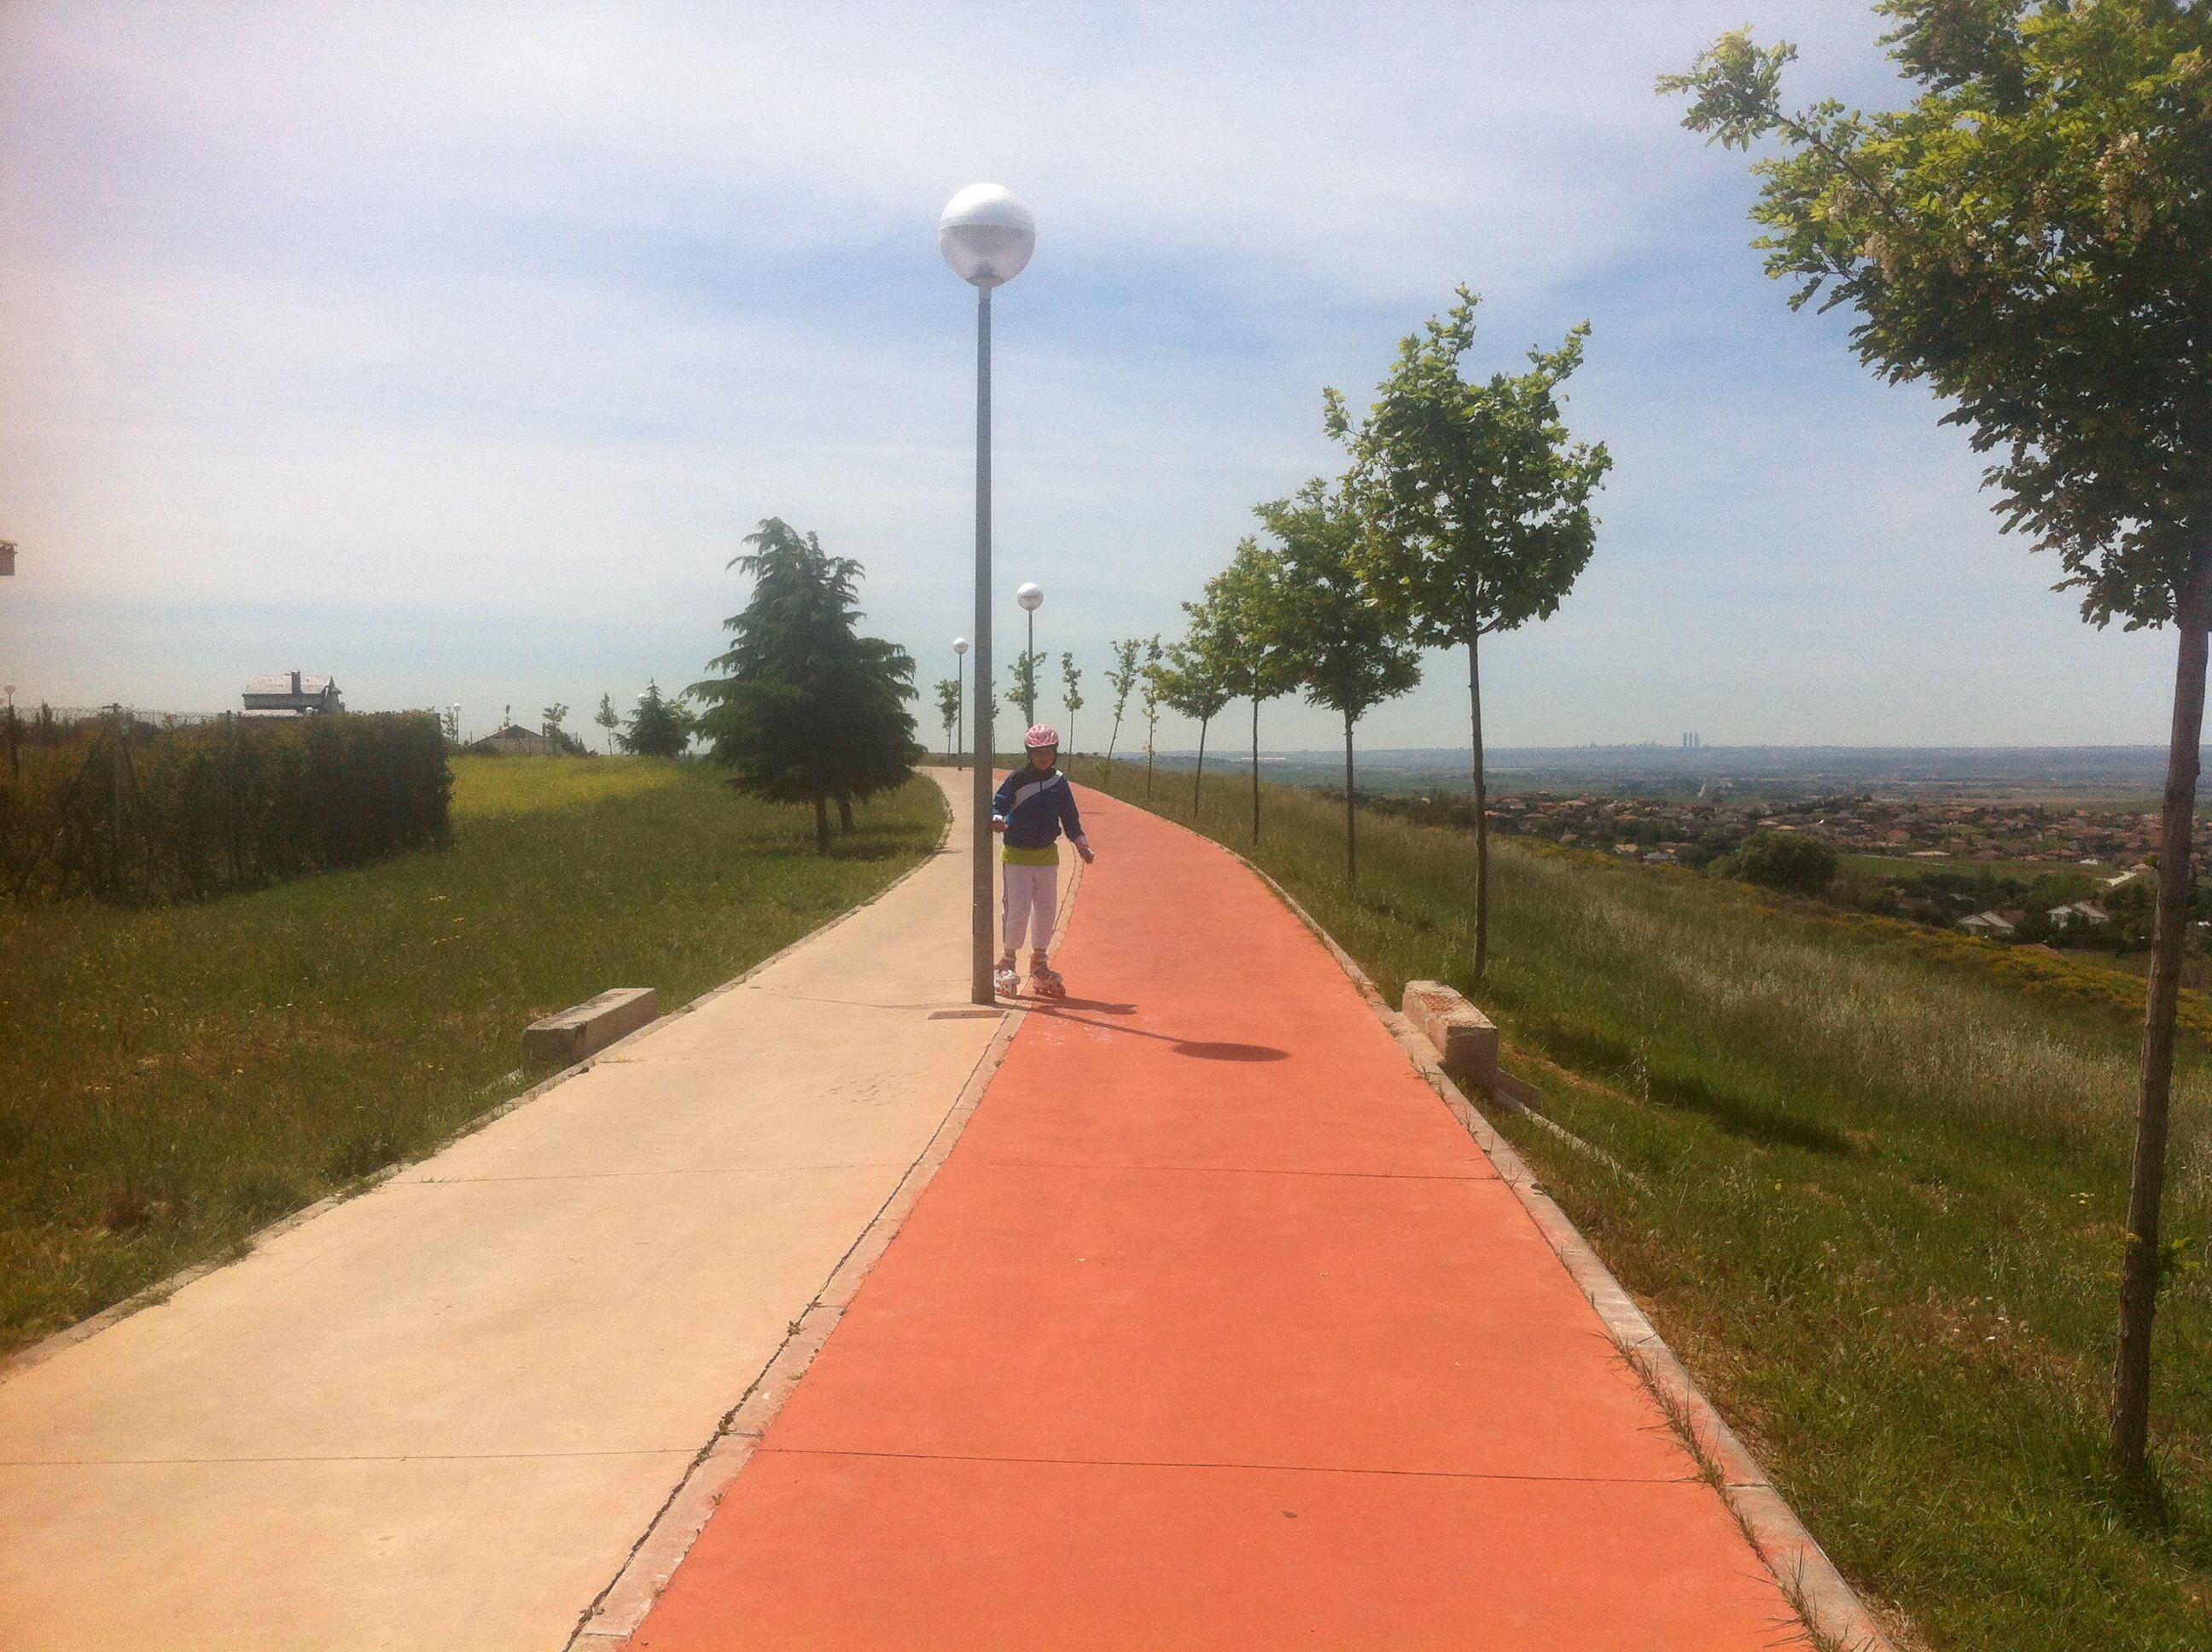 Paseo de EL CASAR desde El calvario hasta la calle del Dia. Muy apto para dar un paseo en bici o en patines.